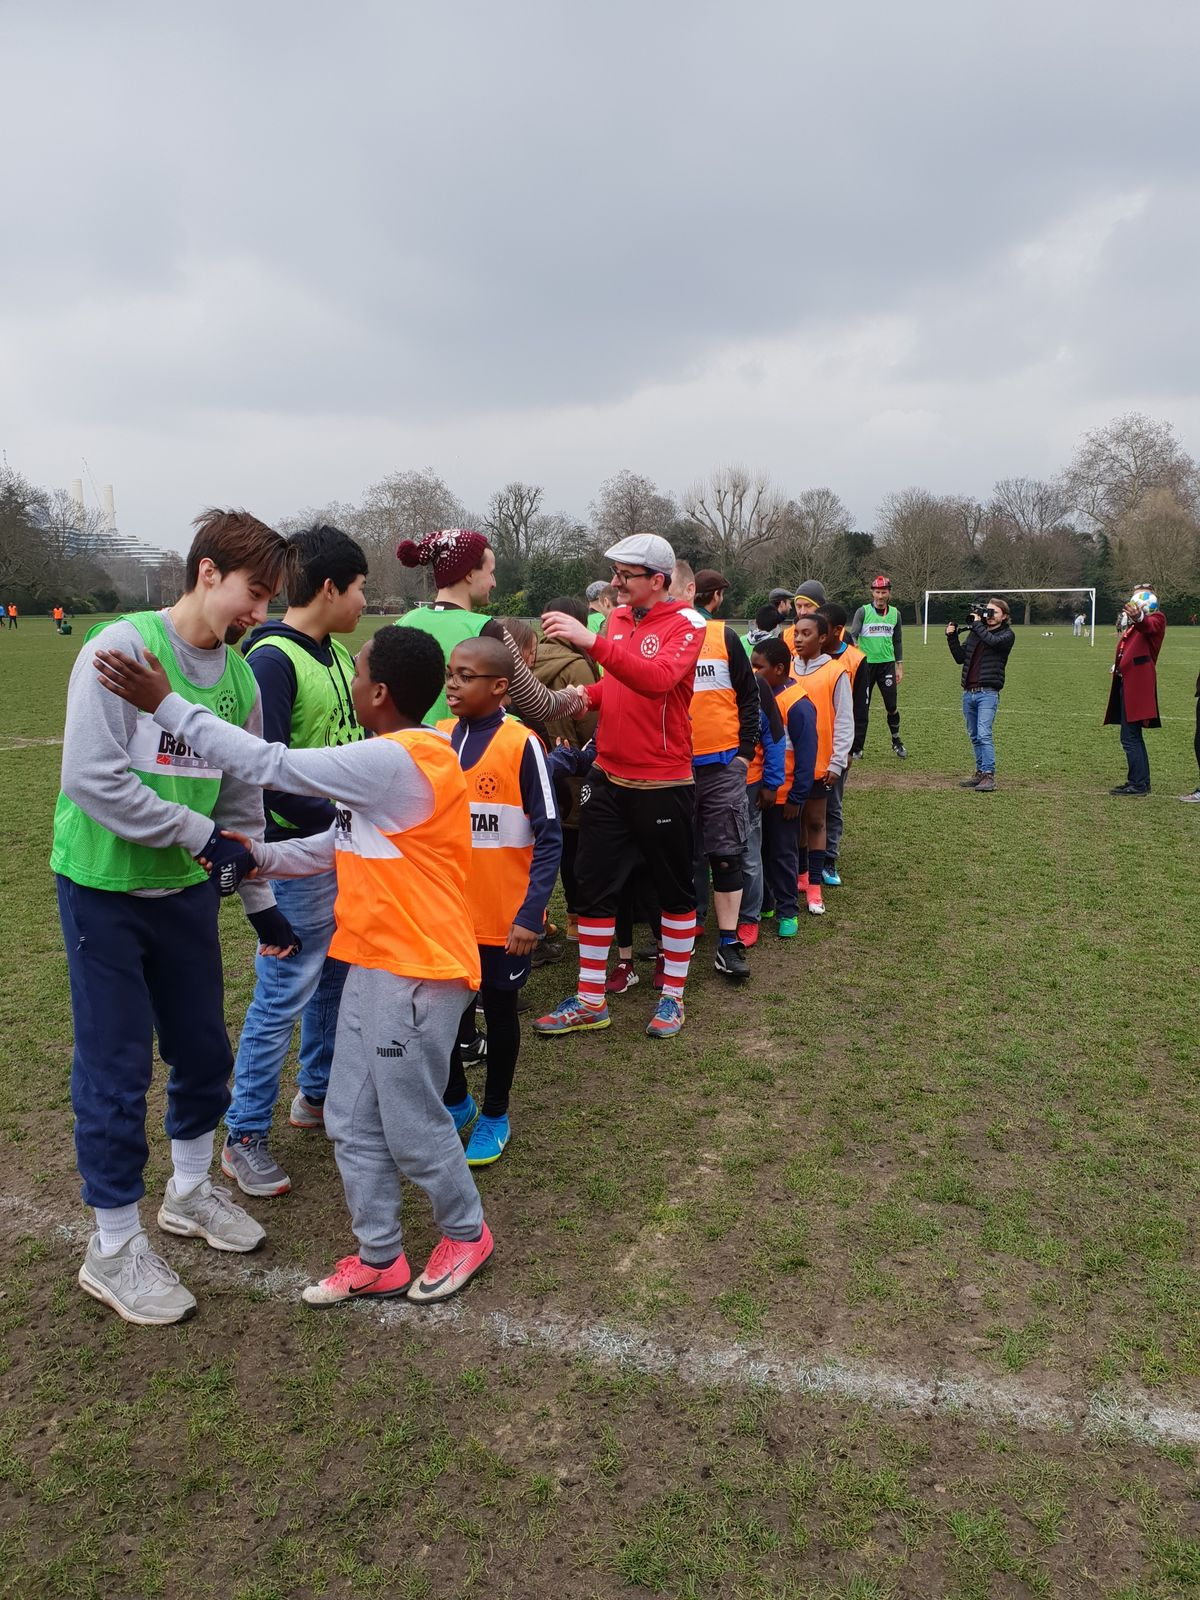 Wie es sich für alle fairen AthletInnen gehört: shake hands before the game